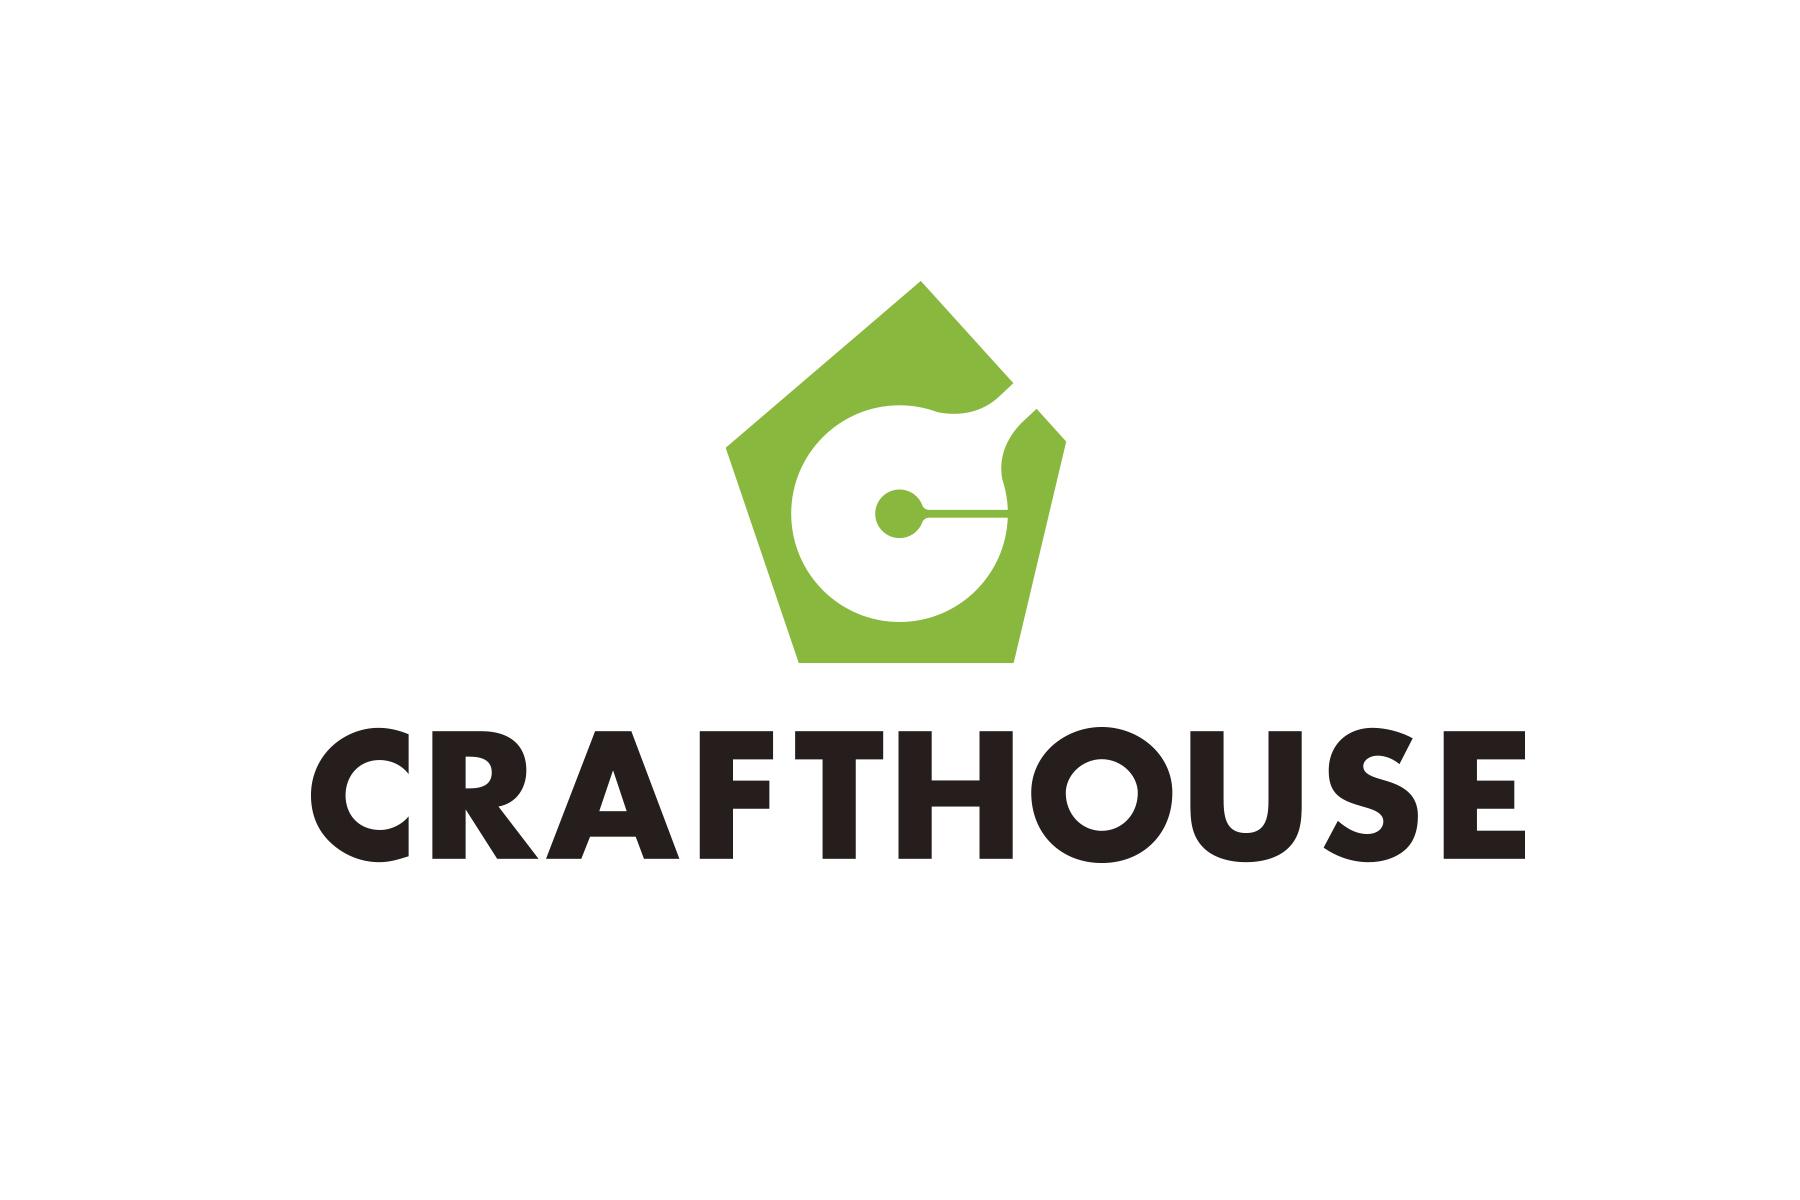 箱根クラフトハウス CI ロゴデザイン 株式会社hush